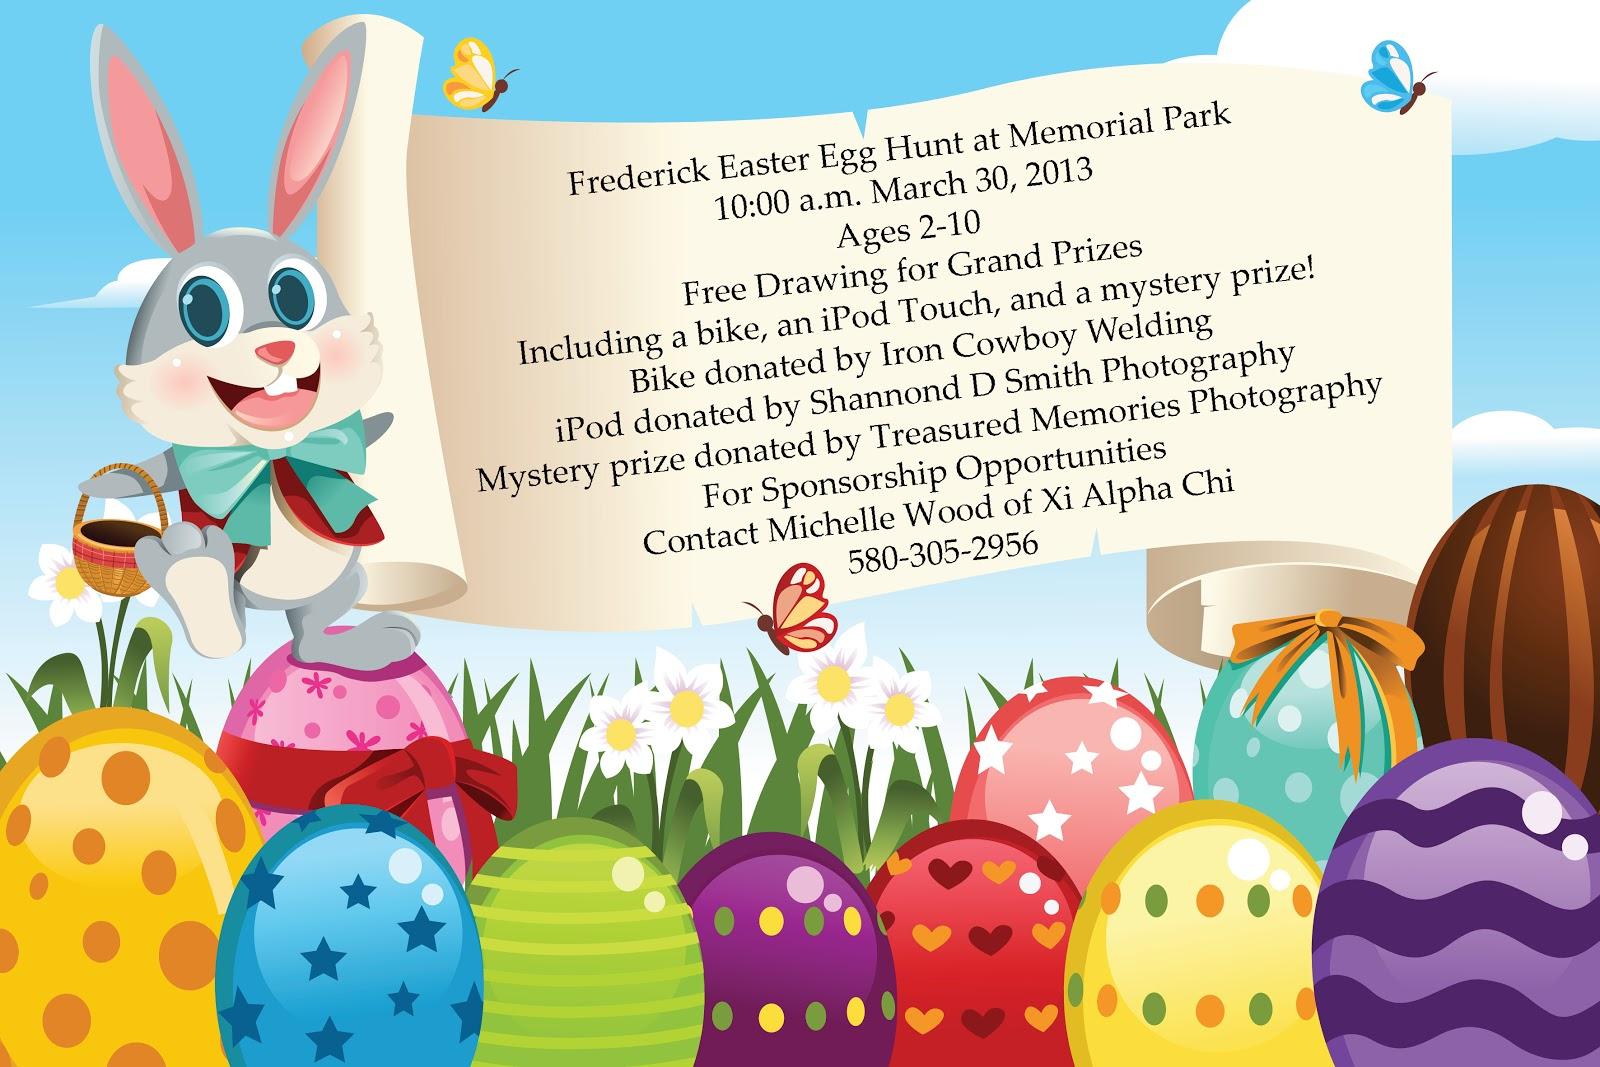 Frederick Easter Egg Hunt March 30 2013